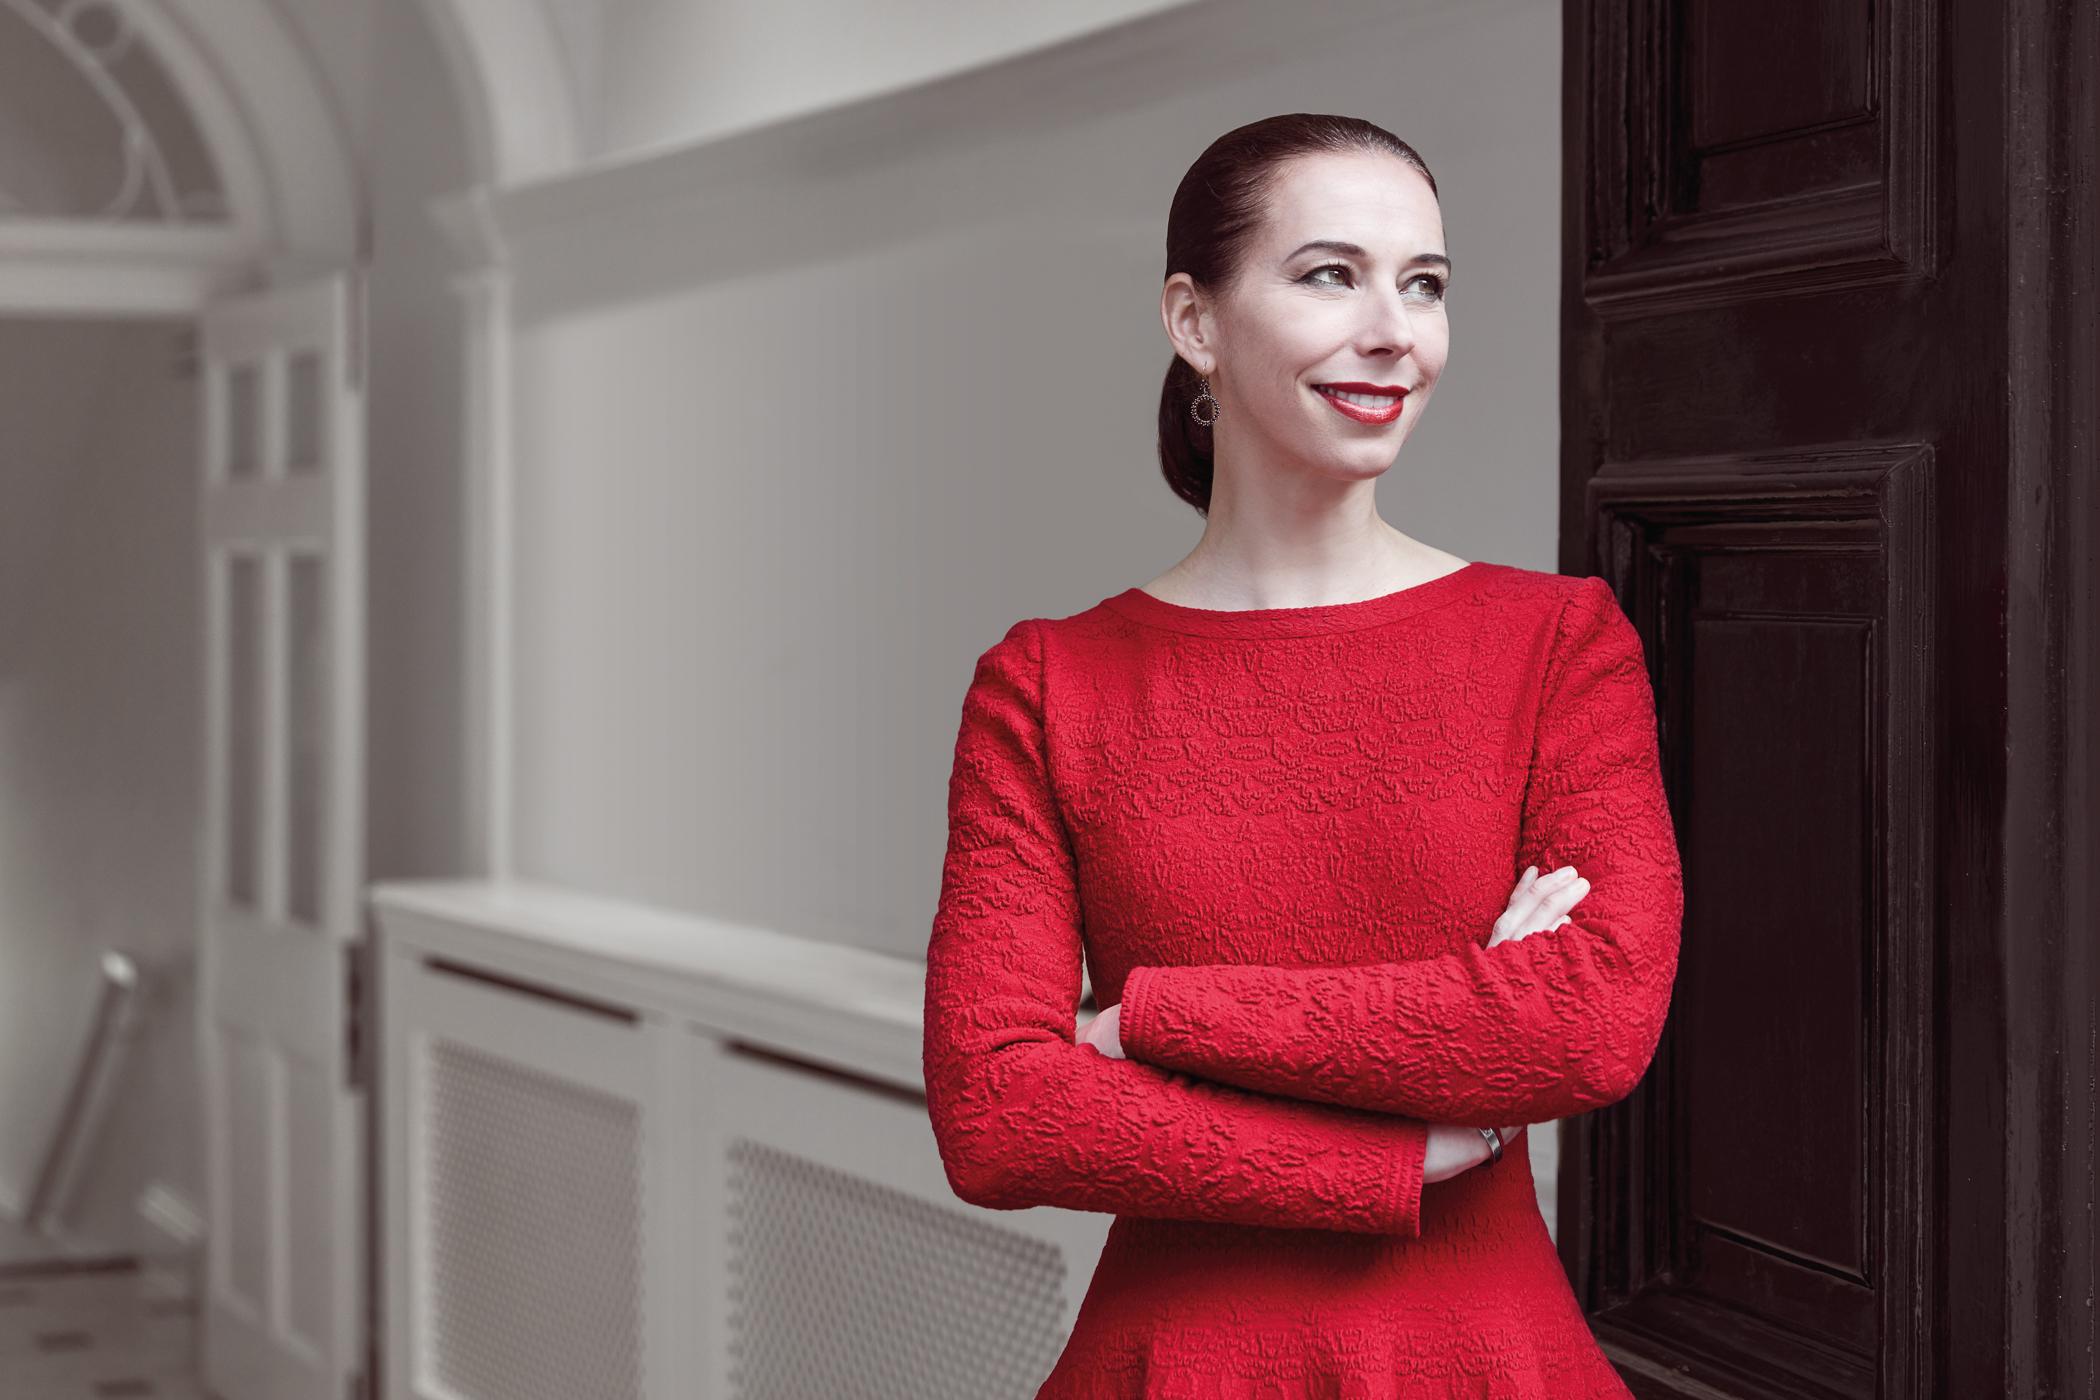 Kristina Blahnik, CEO , Manolo Blahnik